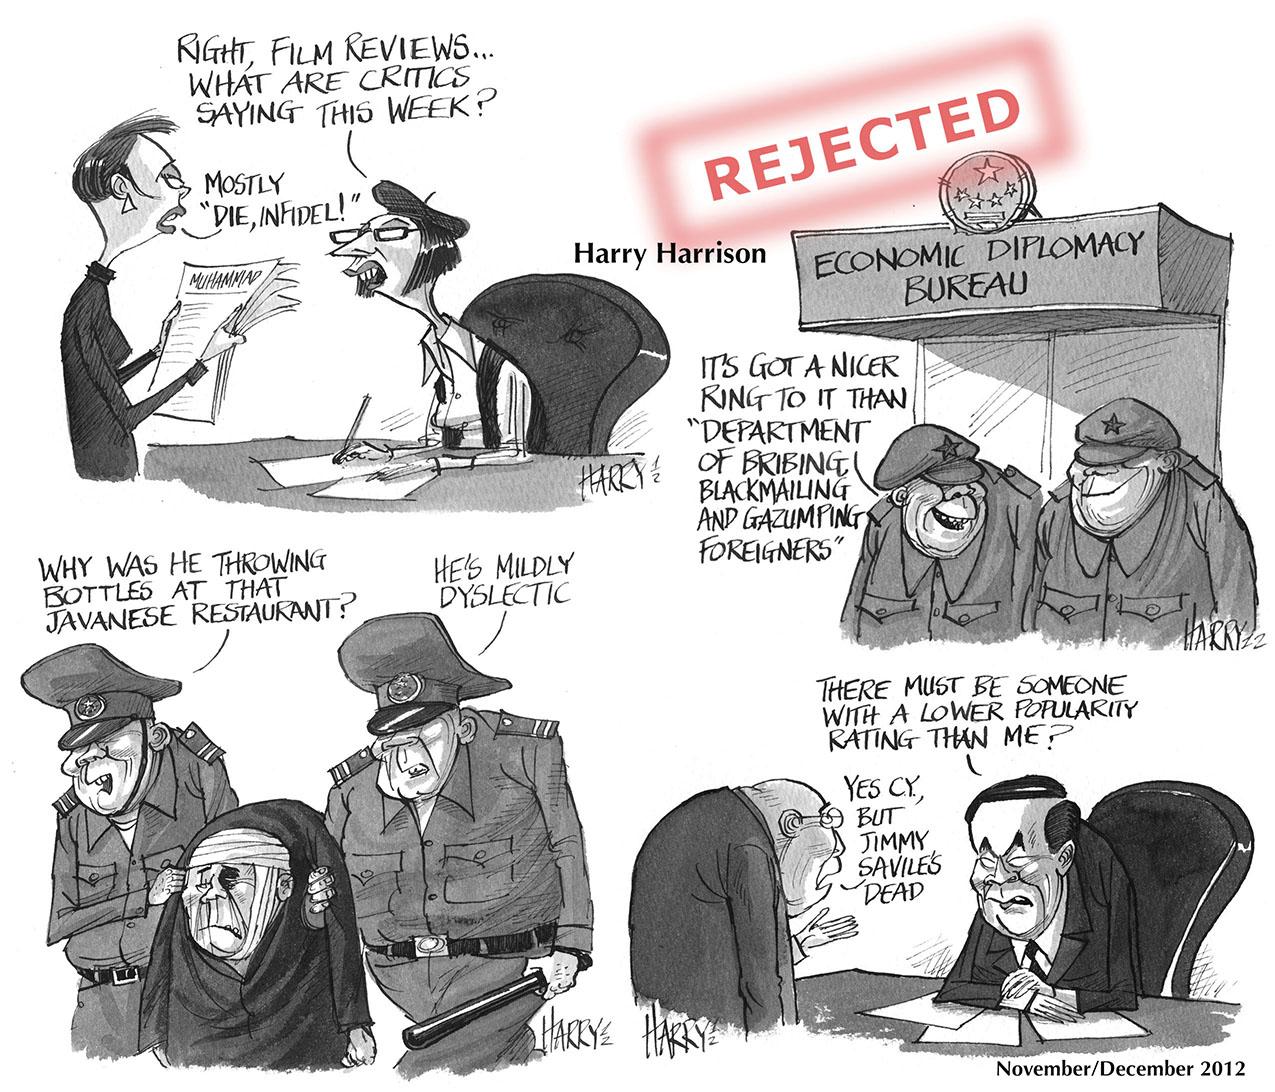 Nov-Dec 2012 Harry's reject